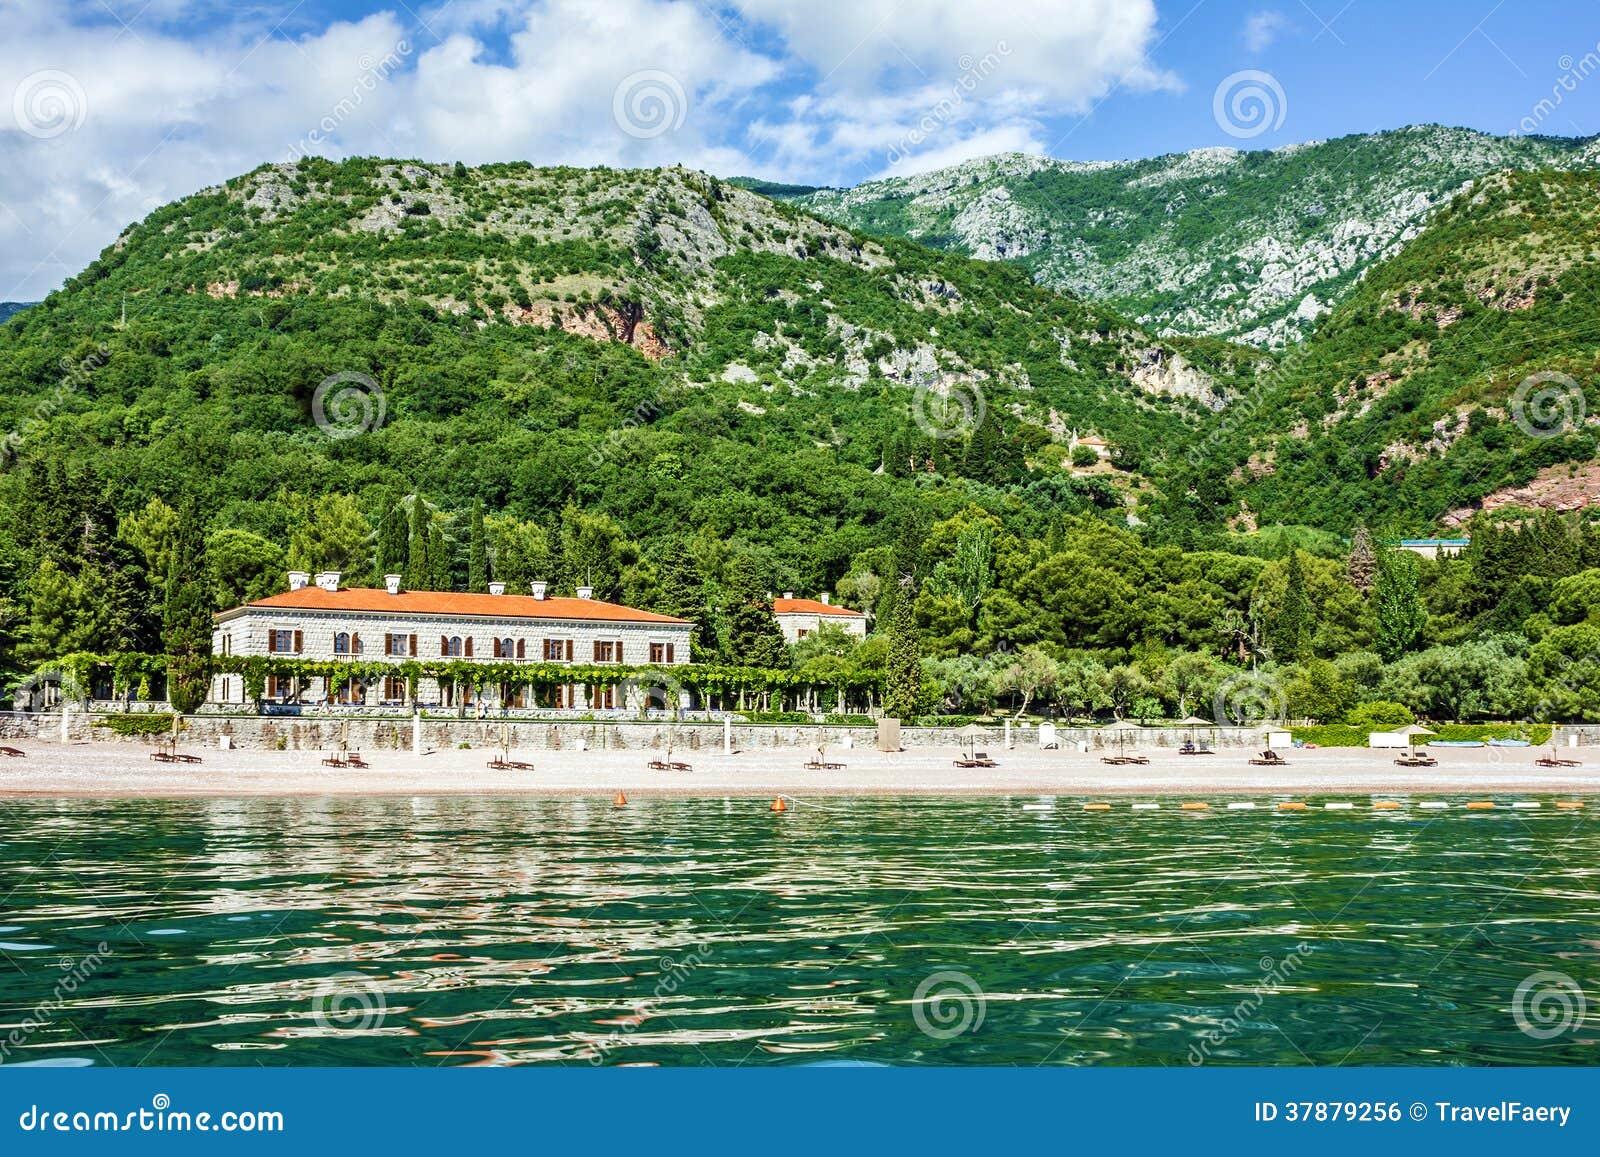 Strand in Montenegro - hotel in het strand van de Koninginnen, Budva.